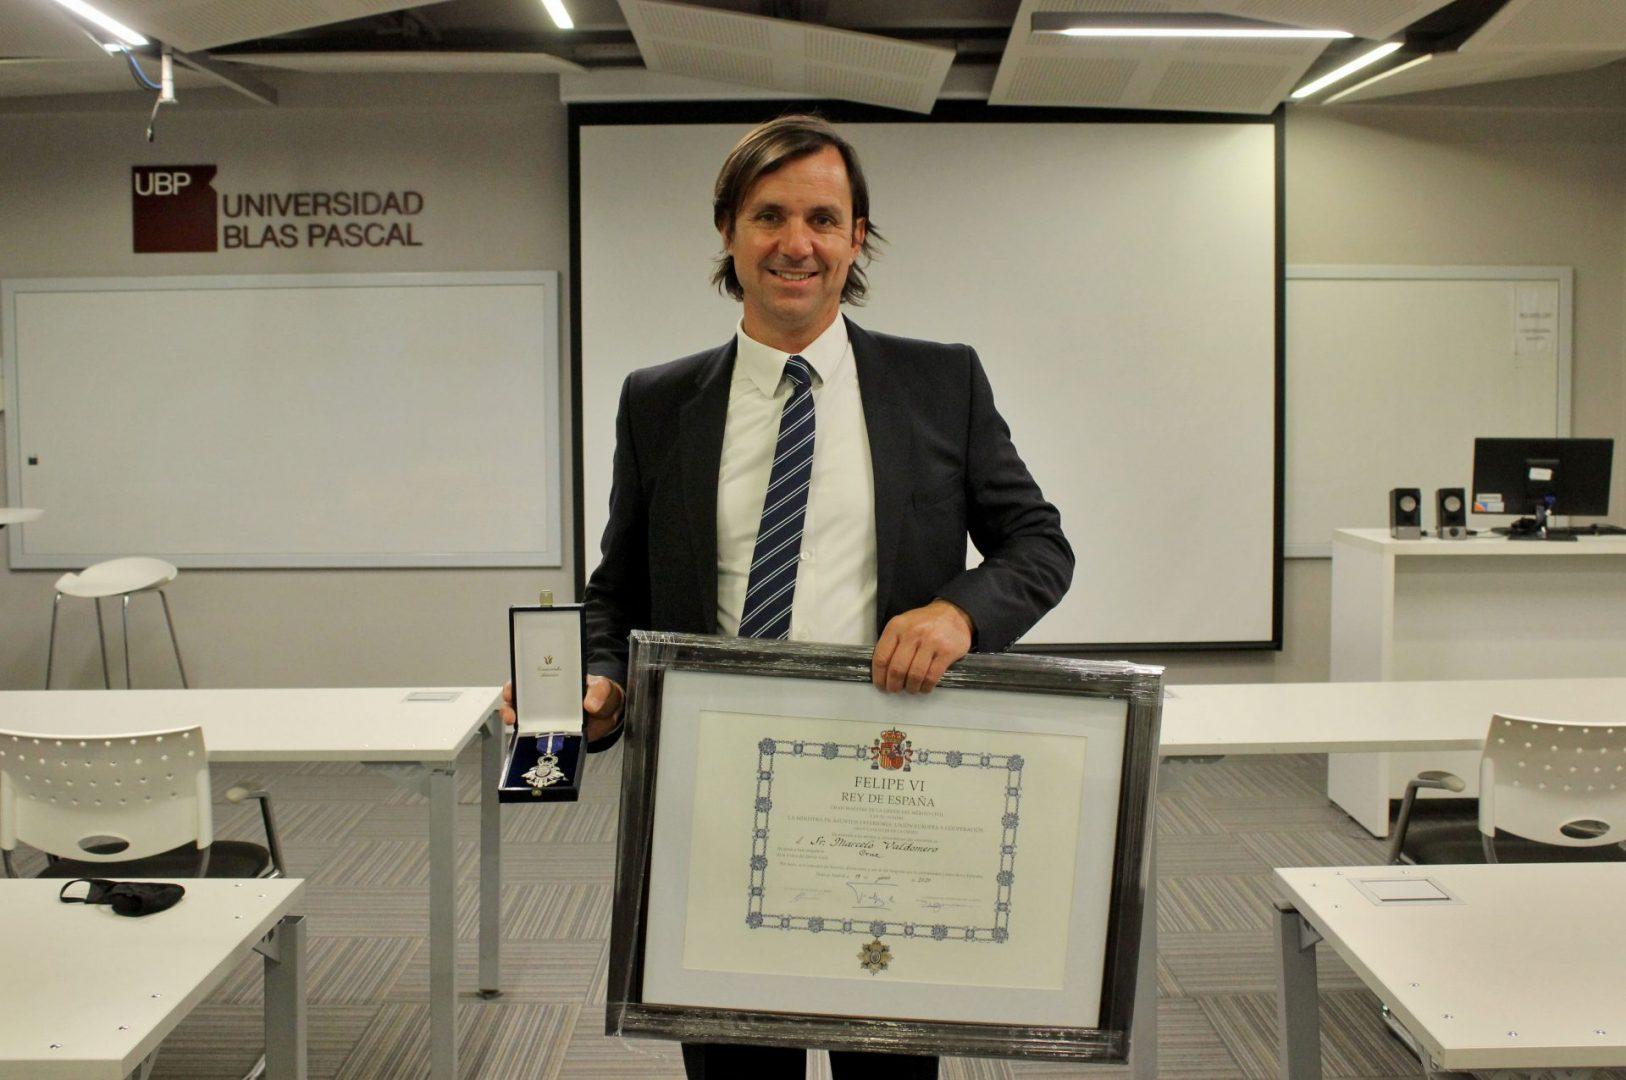 El director del IDITUR, Marcelo Valdomero, condecorado por el rey de España